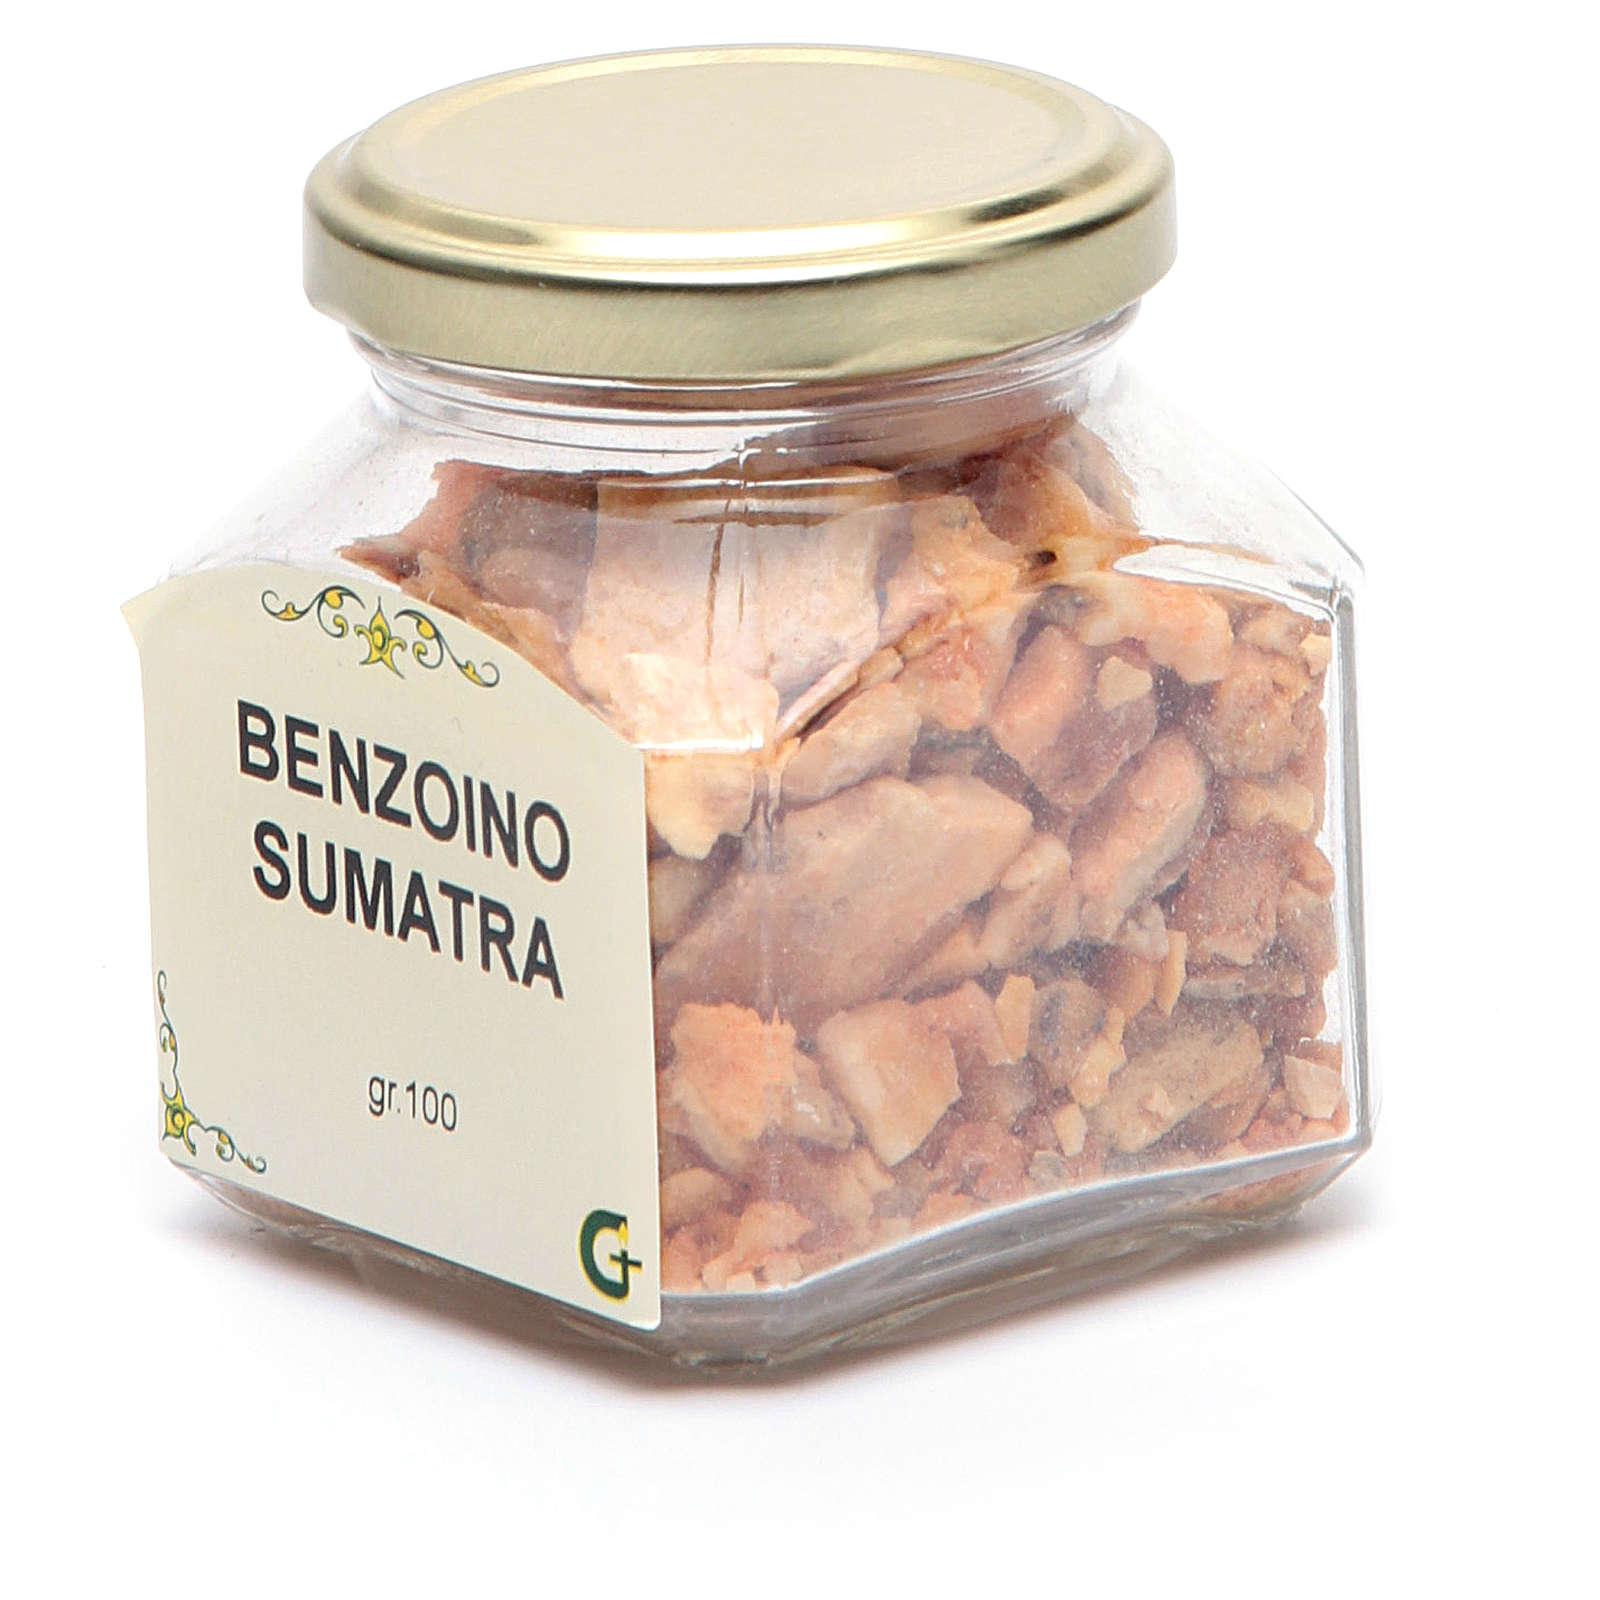 Benzoina Sumatra 100 gr 3